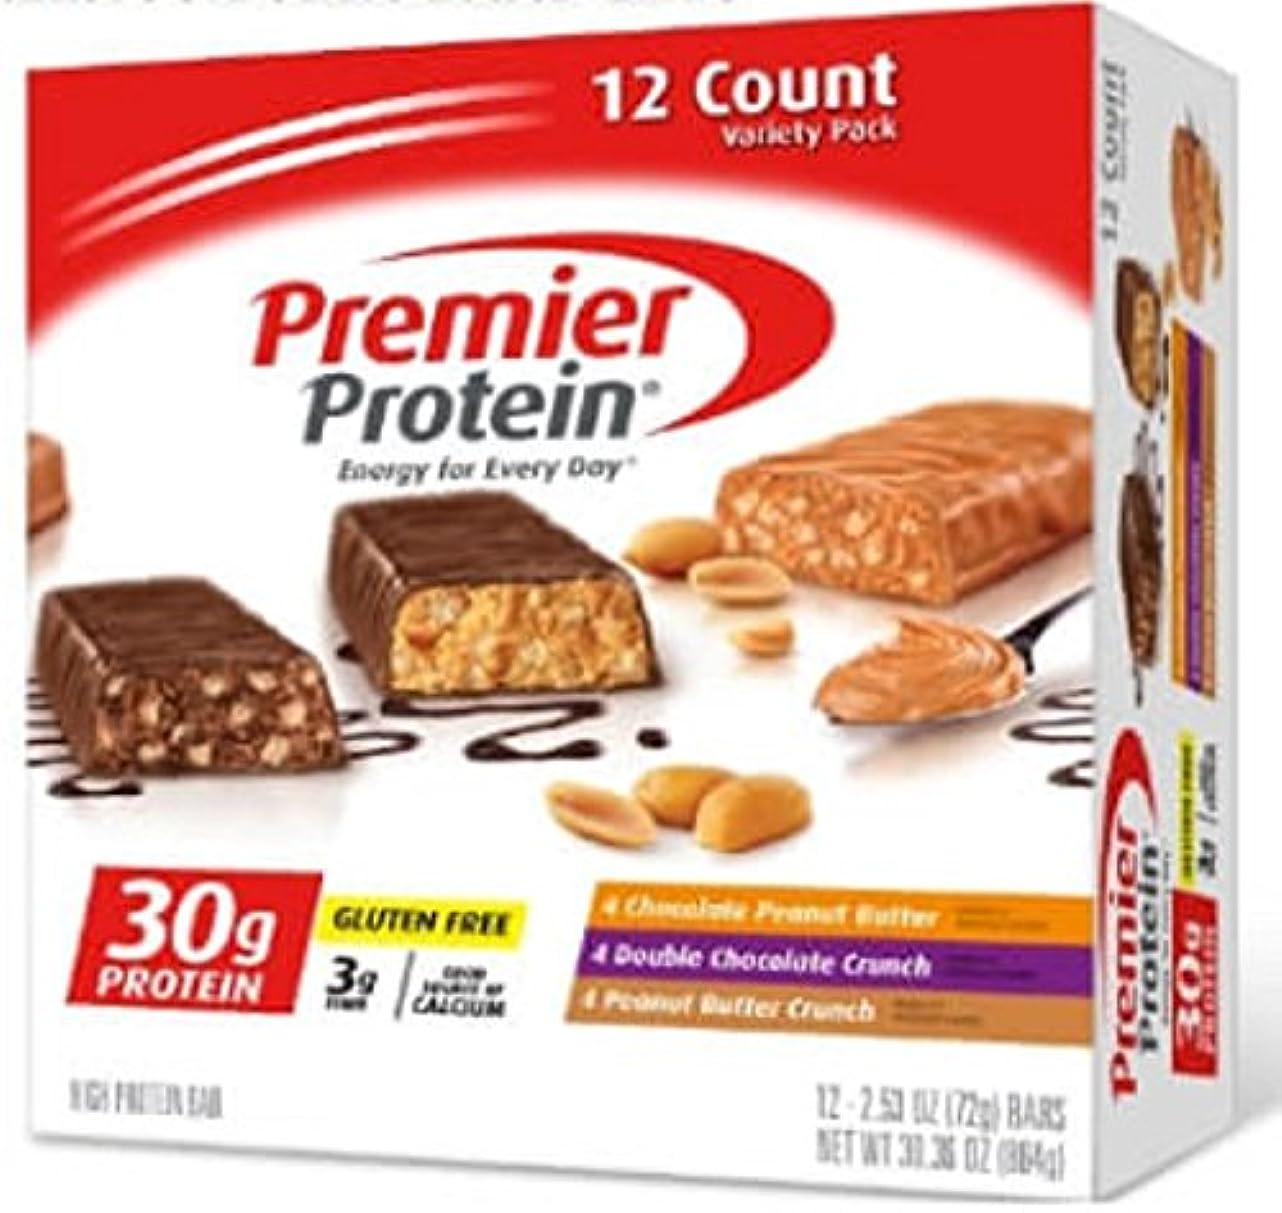 レザーコース露骨な【2箱セット】Premier Protein プレミア プロテイン プロテインバー バラエティパック(72g x 12本入り x 2箱)